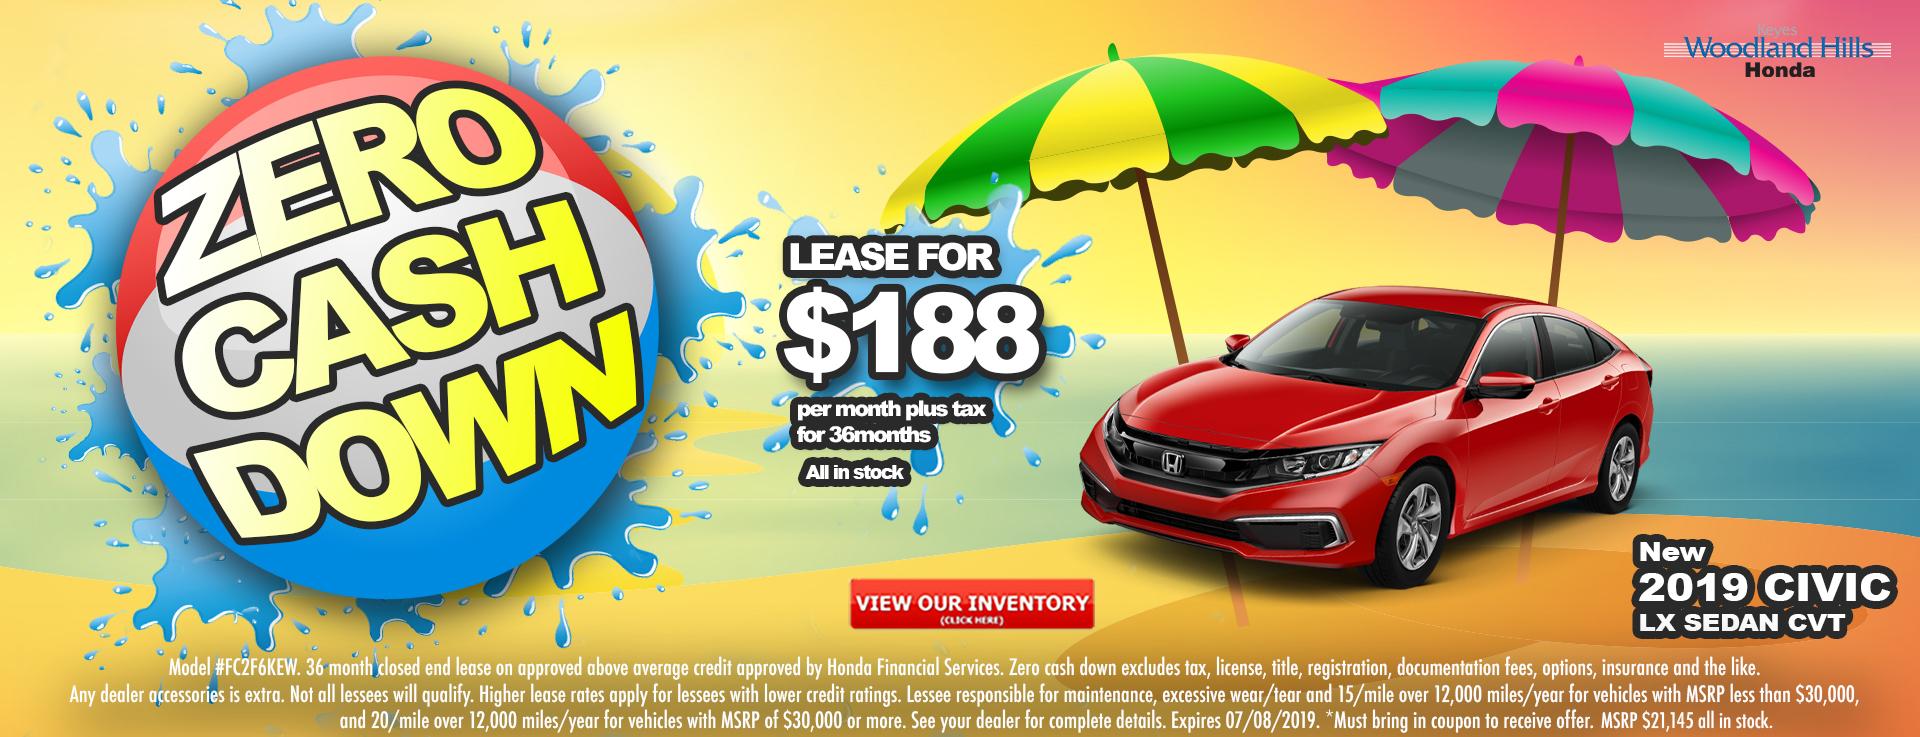 Honda Civic Sedan $188 Lease